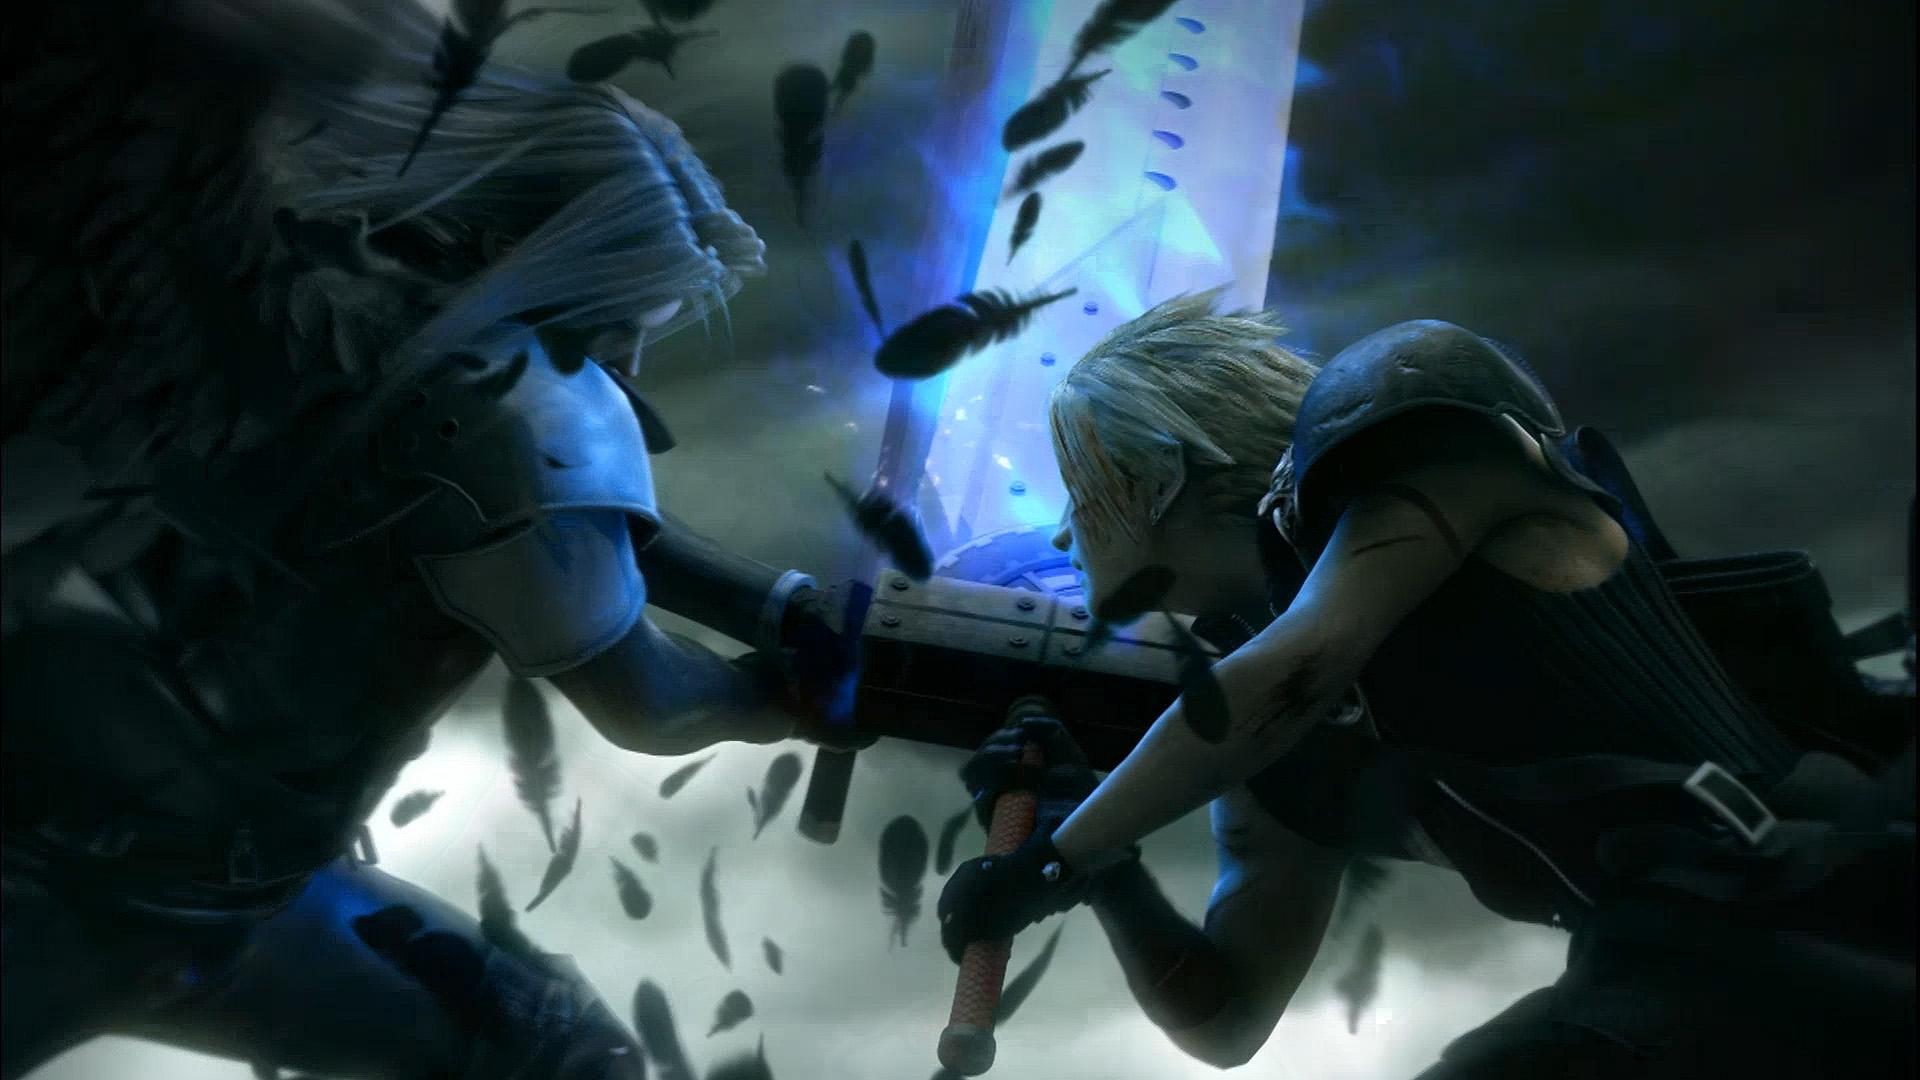 Final Fantasy 7 Wallpaper Hd Wallpapersafari